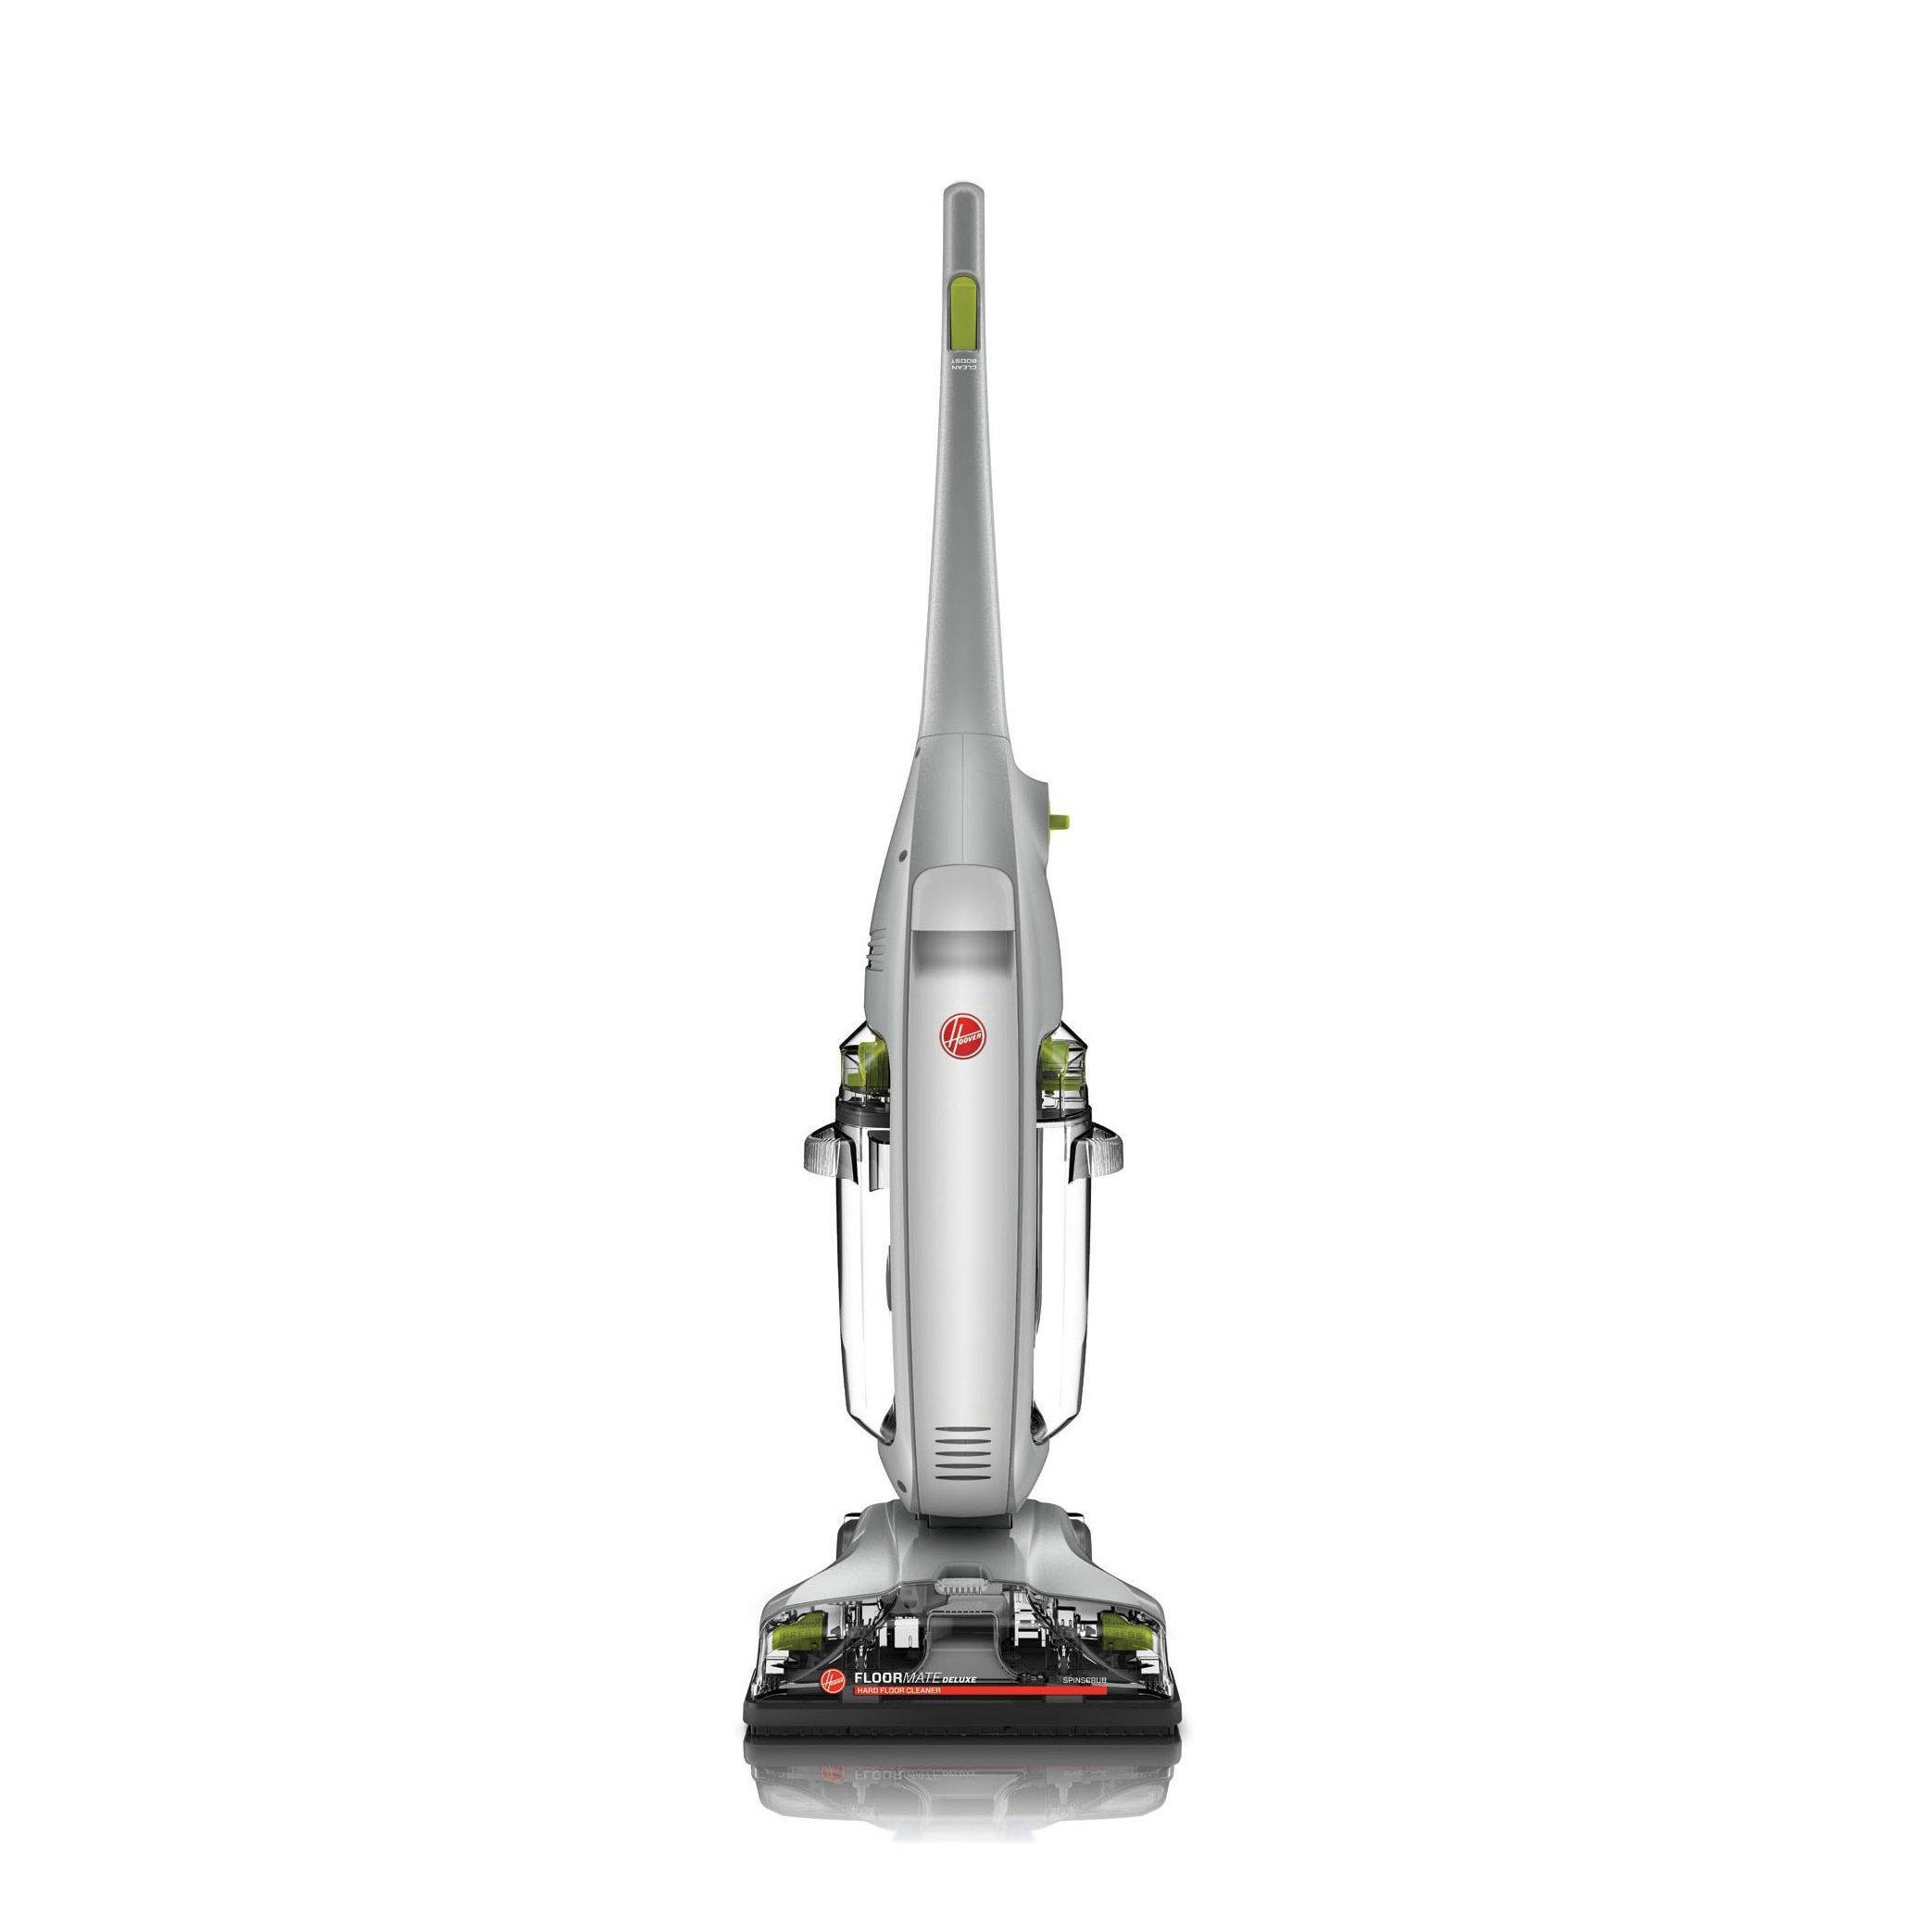 Reconditioned FloorMate Deluxe Hard Floor Cleaner